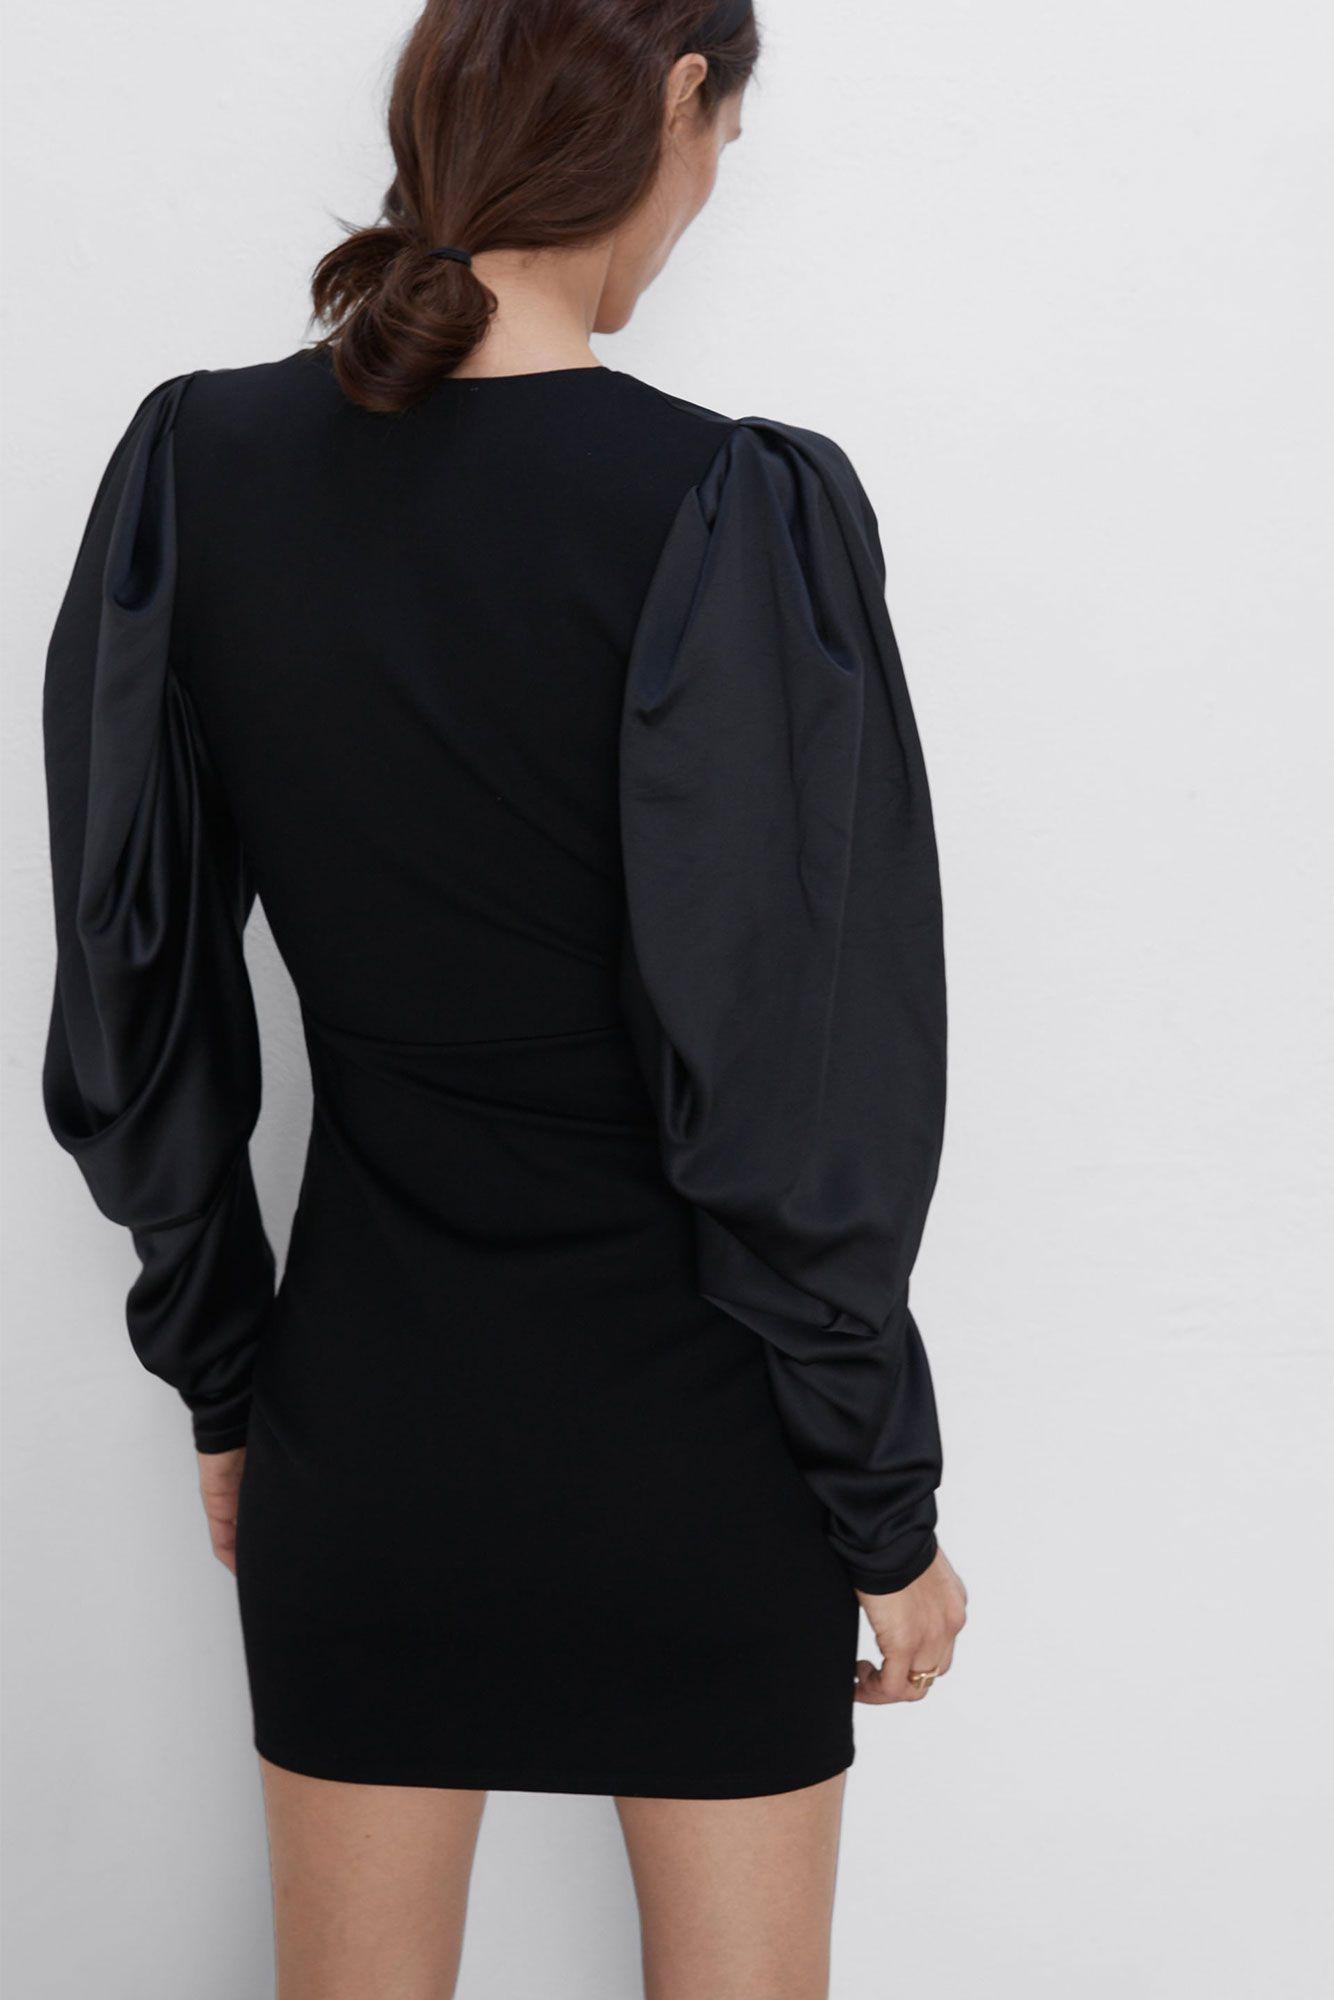 Solo necesitas este vestido de Zara para ser la invitada